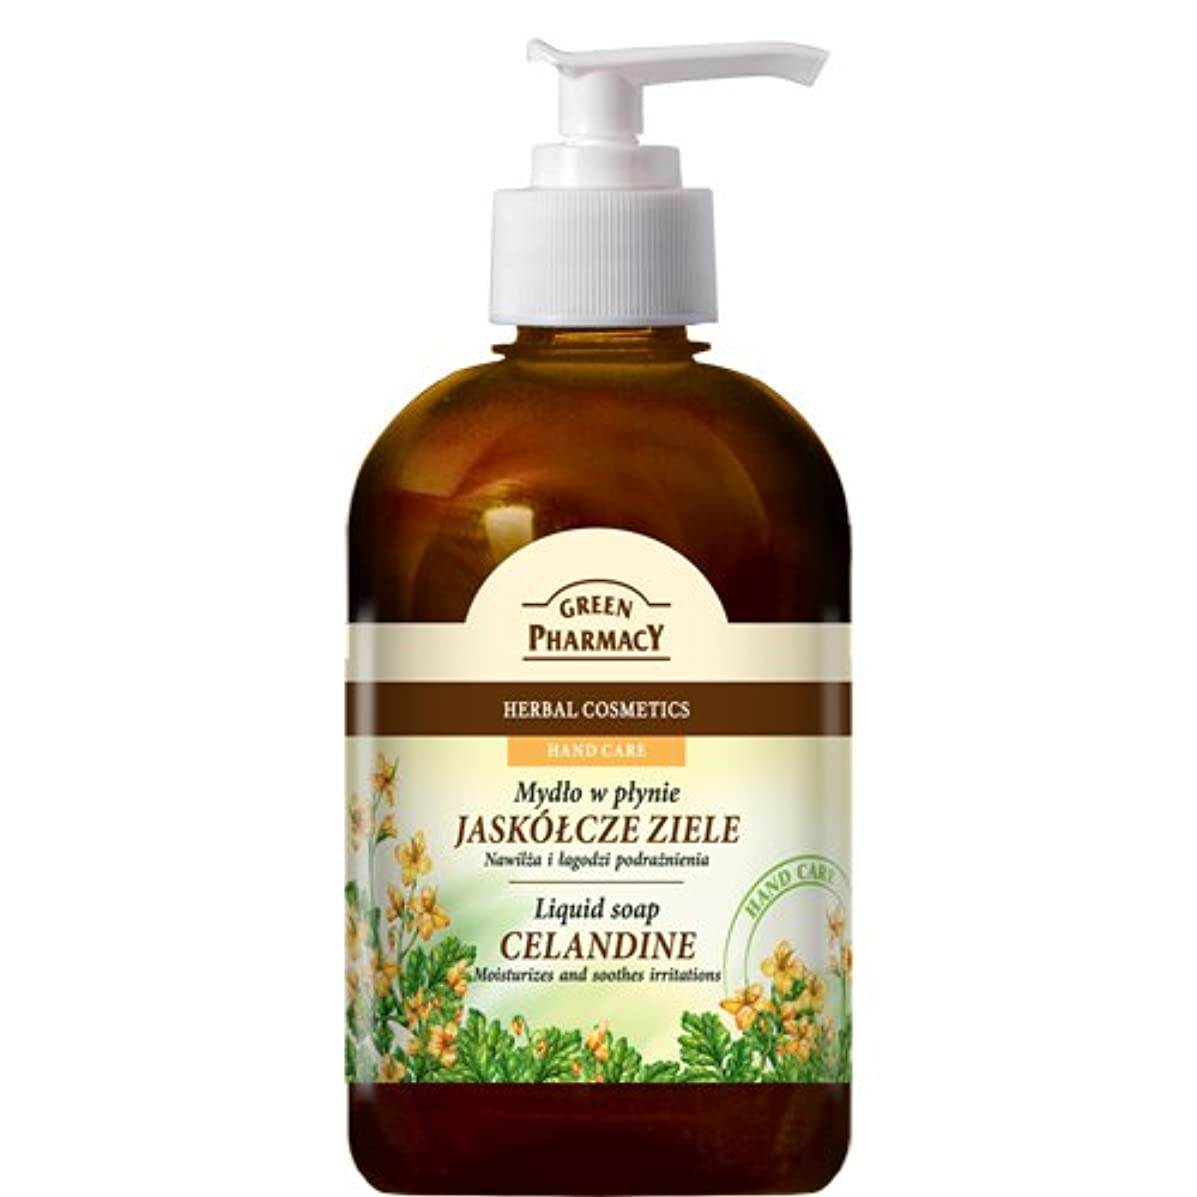 カウントアップ静脈ロッドElfa Pharm Green Pharmacy グリーンファーマシー Liquid Soap リキッドソープ Celandine クサノオウ